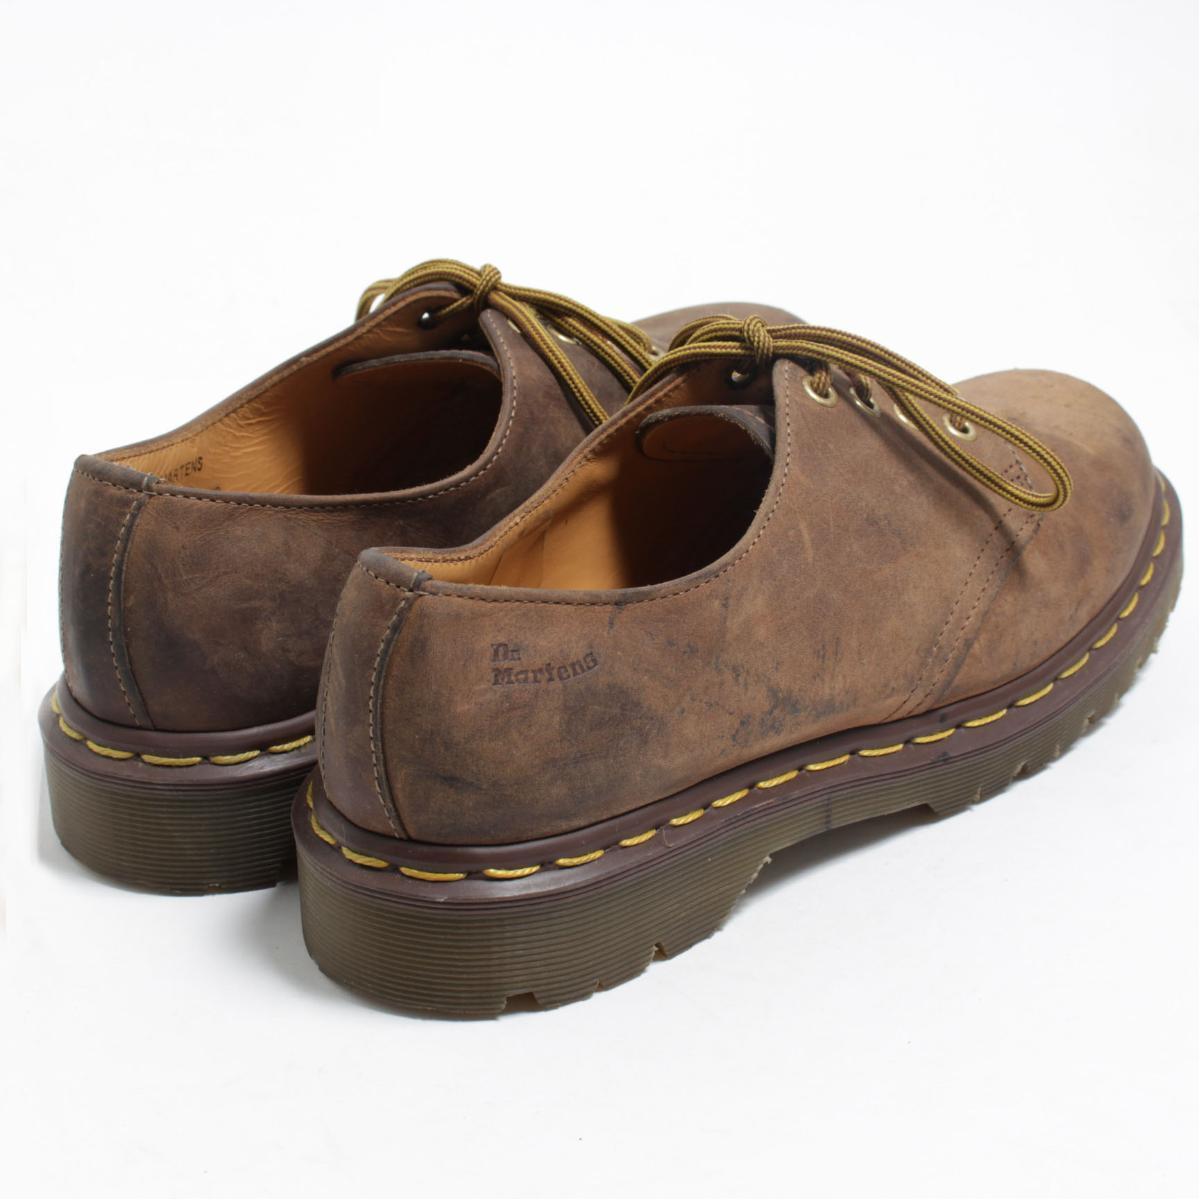 UK7 men 25.5cm /bom4007 made in the doctor Martin Dr.Martens 4 hall shoes U.K.